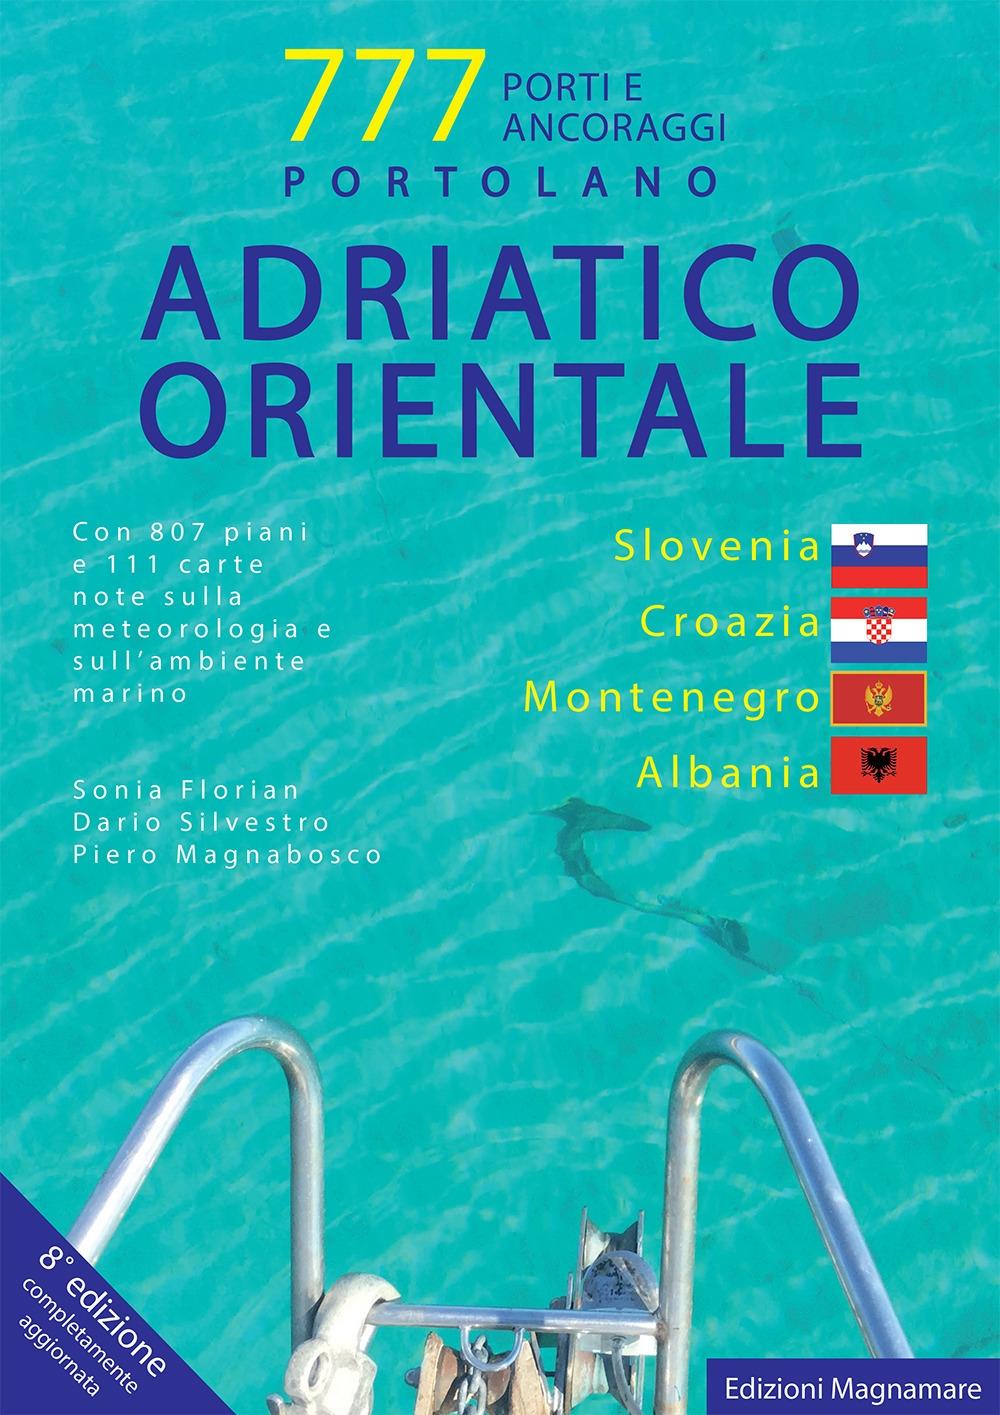 777 Adriatico Orientale: Slovenia, Croazia, Montenegro e Albania.